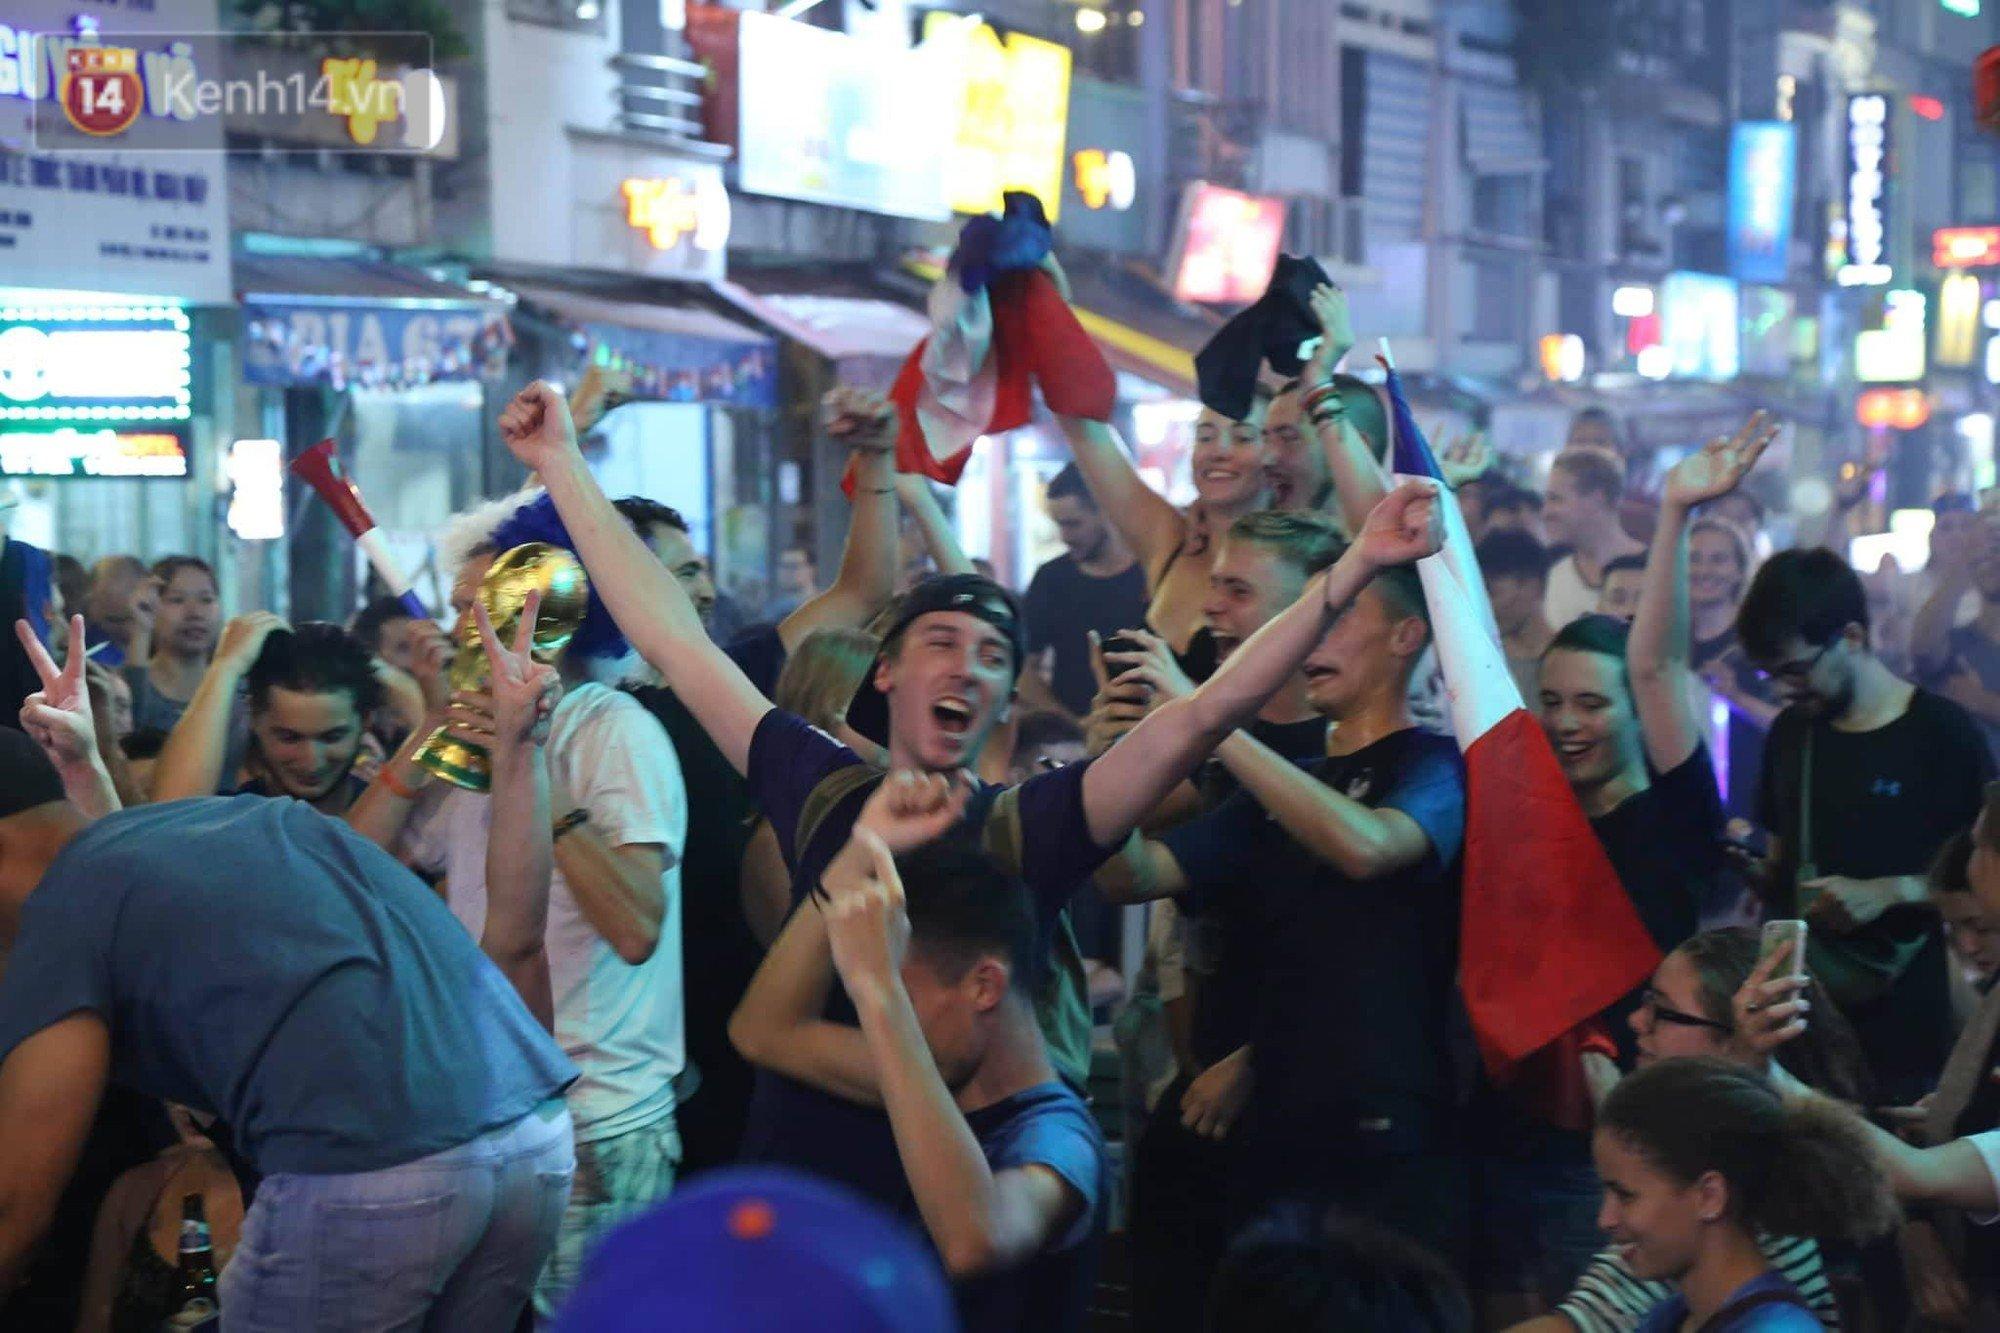 Nữ CĐV ở Sài Gòn cởi đồ, hò hét ăn mừng xuyên đêm tại phố Tây Bùi Viện khi Pháp vô địch World Cup sau 20 năm 9